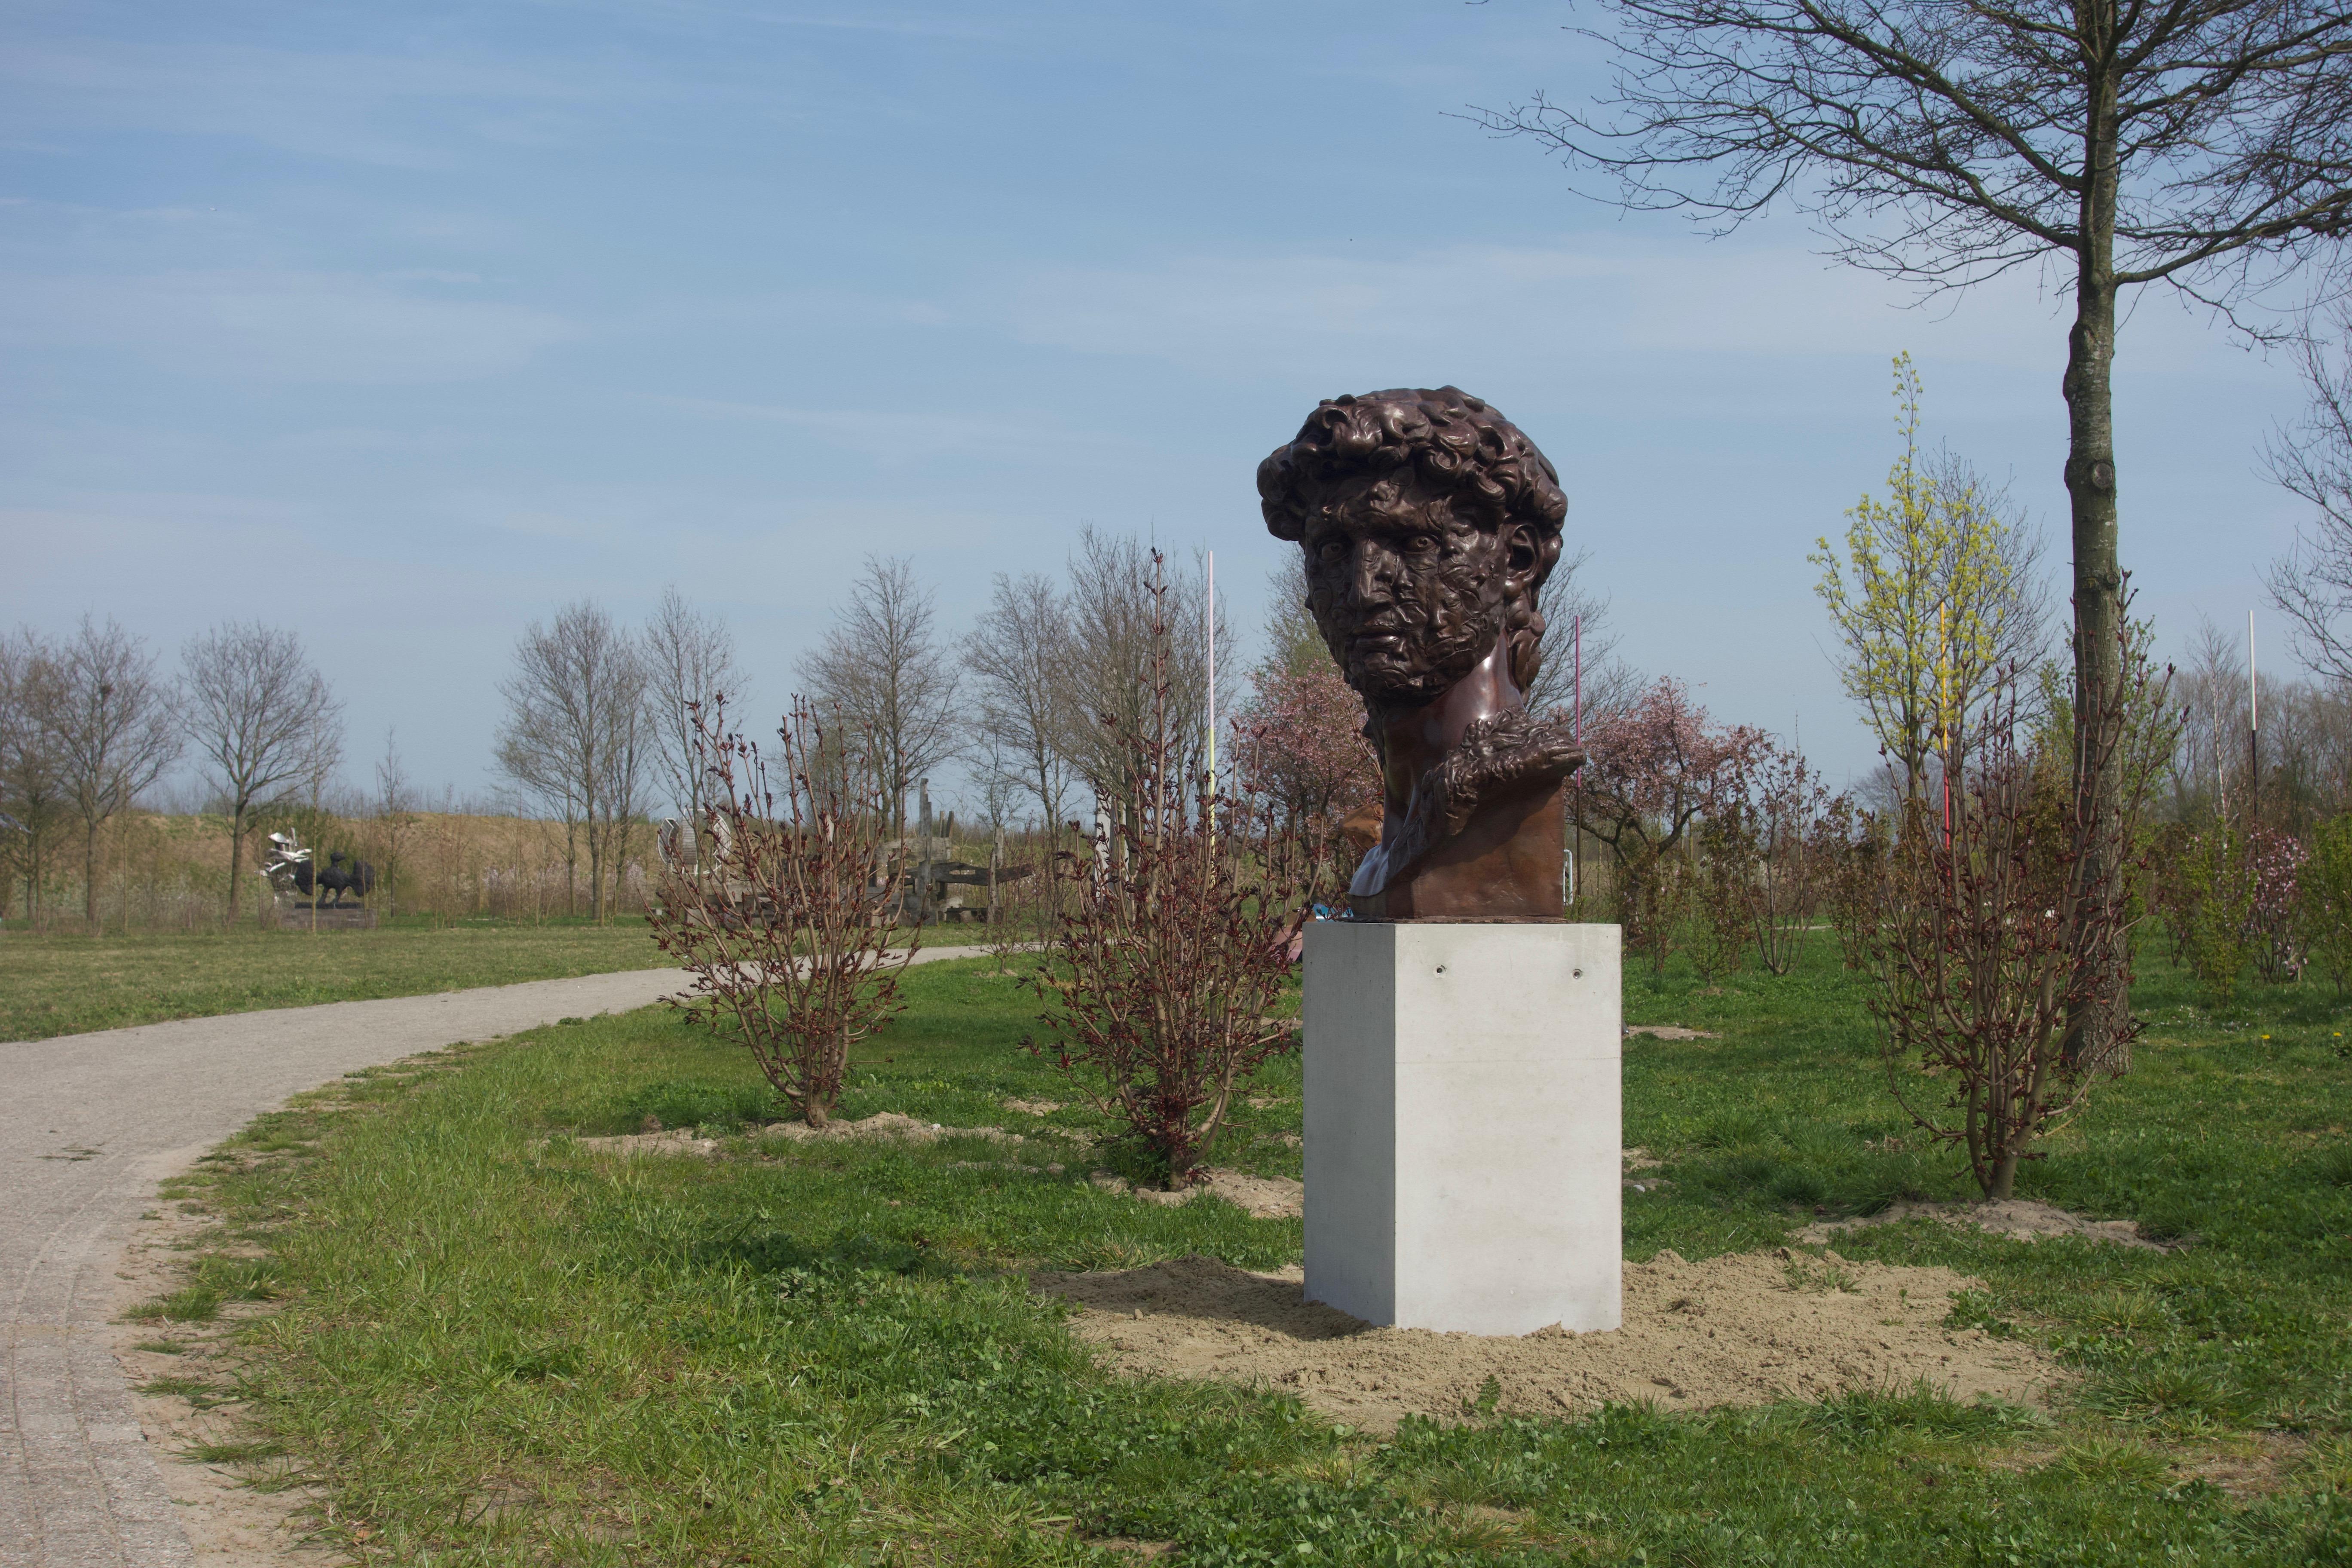 Sculpture garden Anningahof, Zwolle, summer 2019